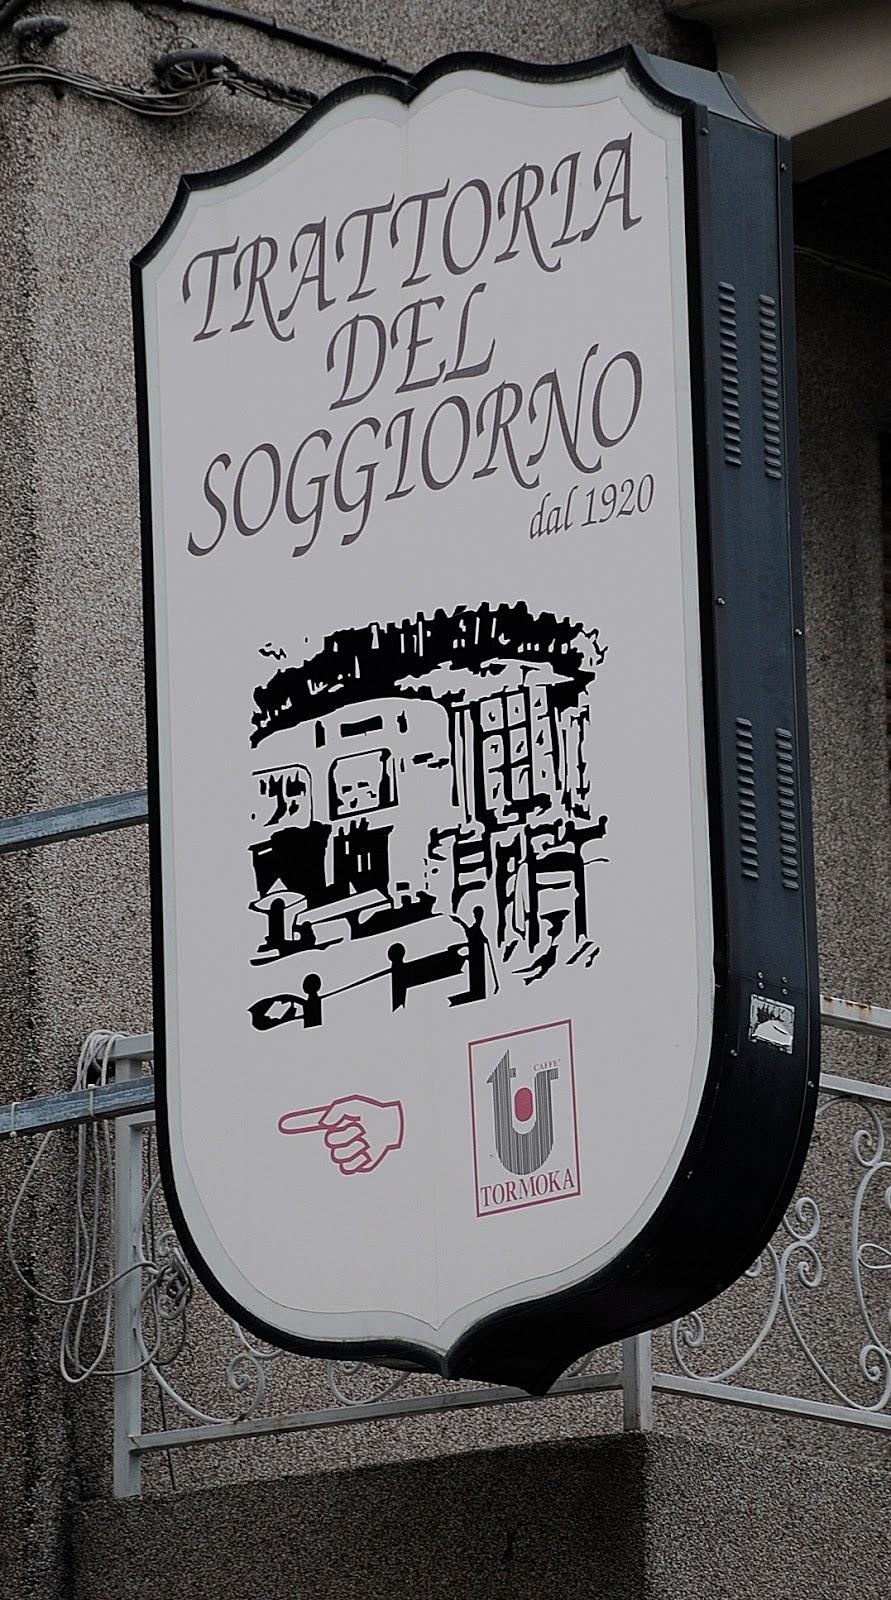 Beautiful Trattoria Del Soggiorno Photos - Comads897.com ...